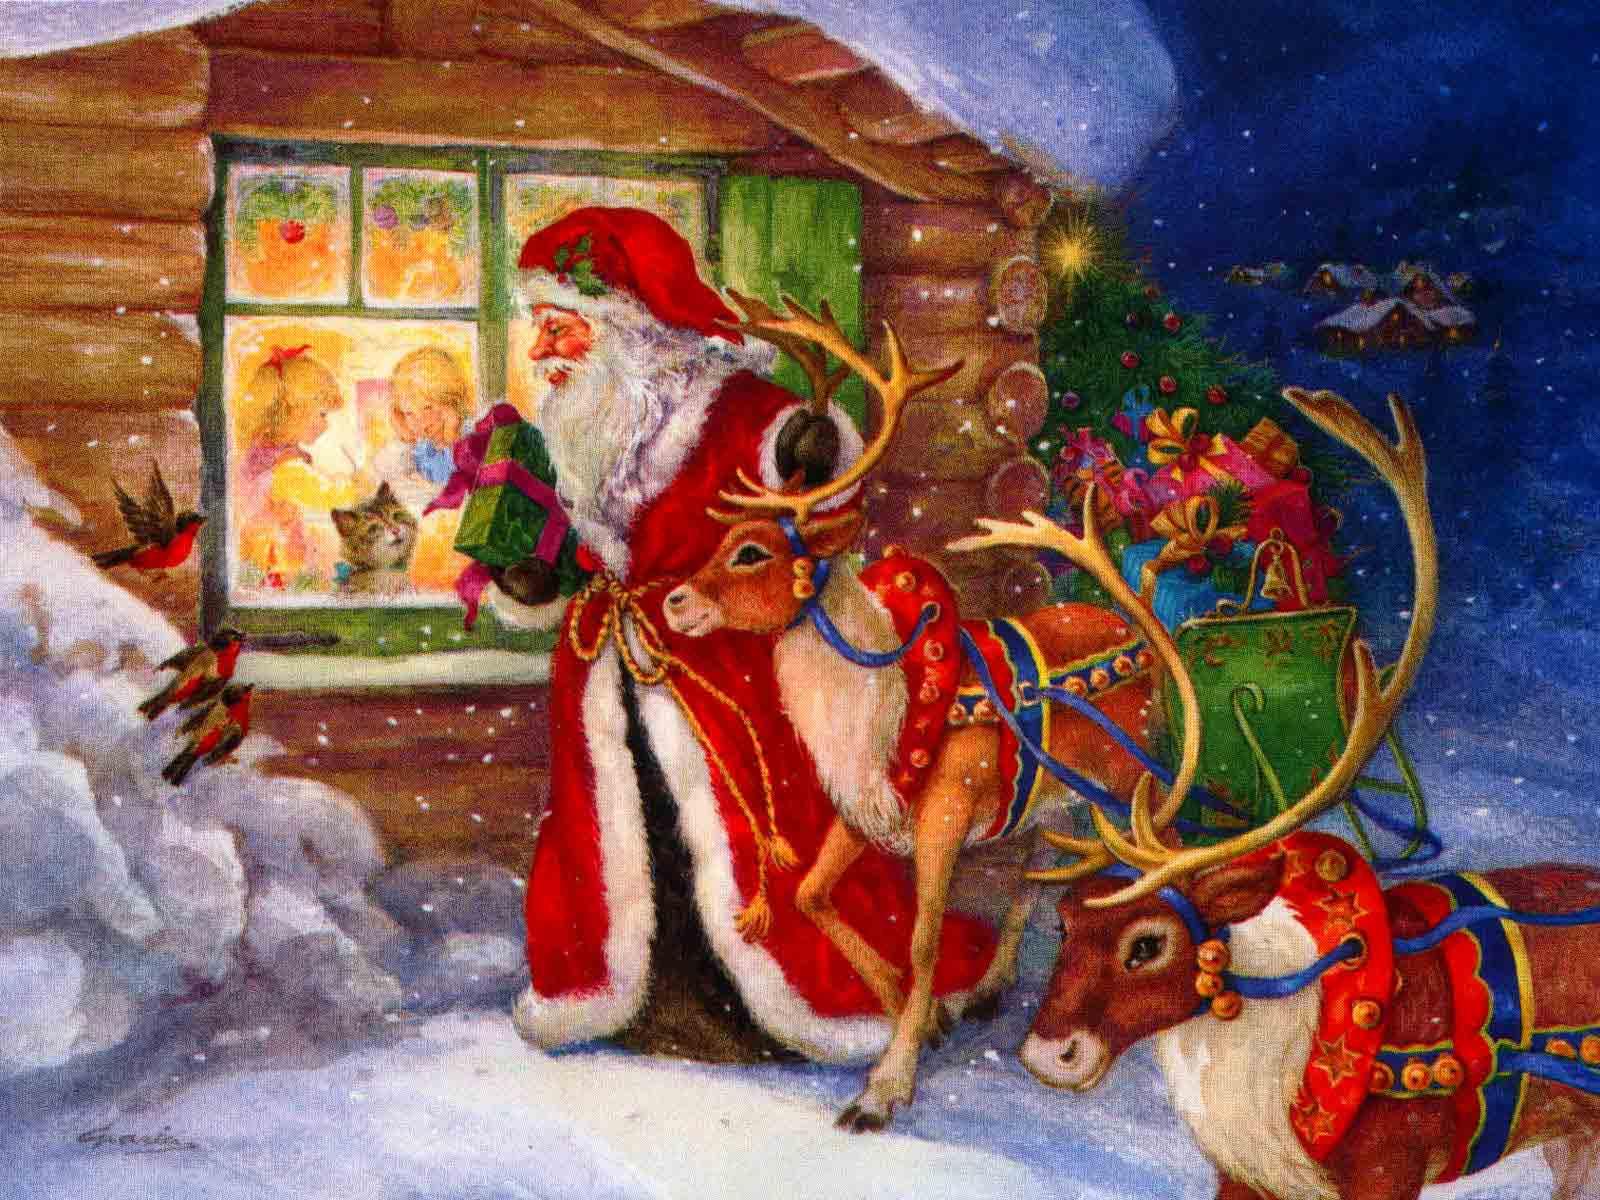 написанное картинки с рождественской тематикой галочку, если хотите